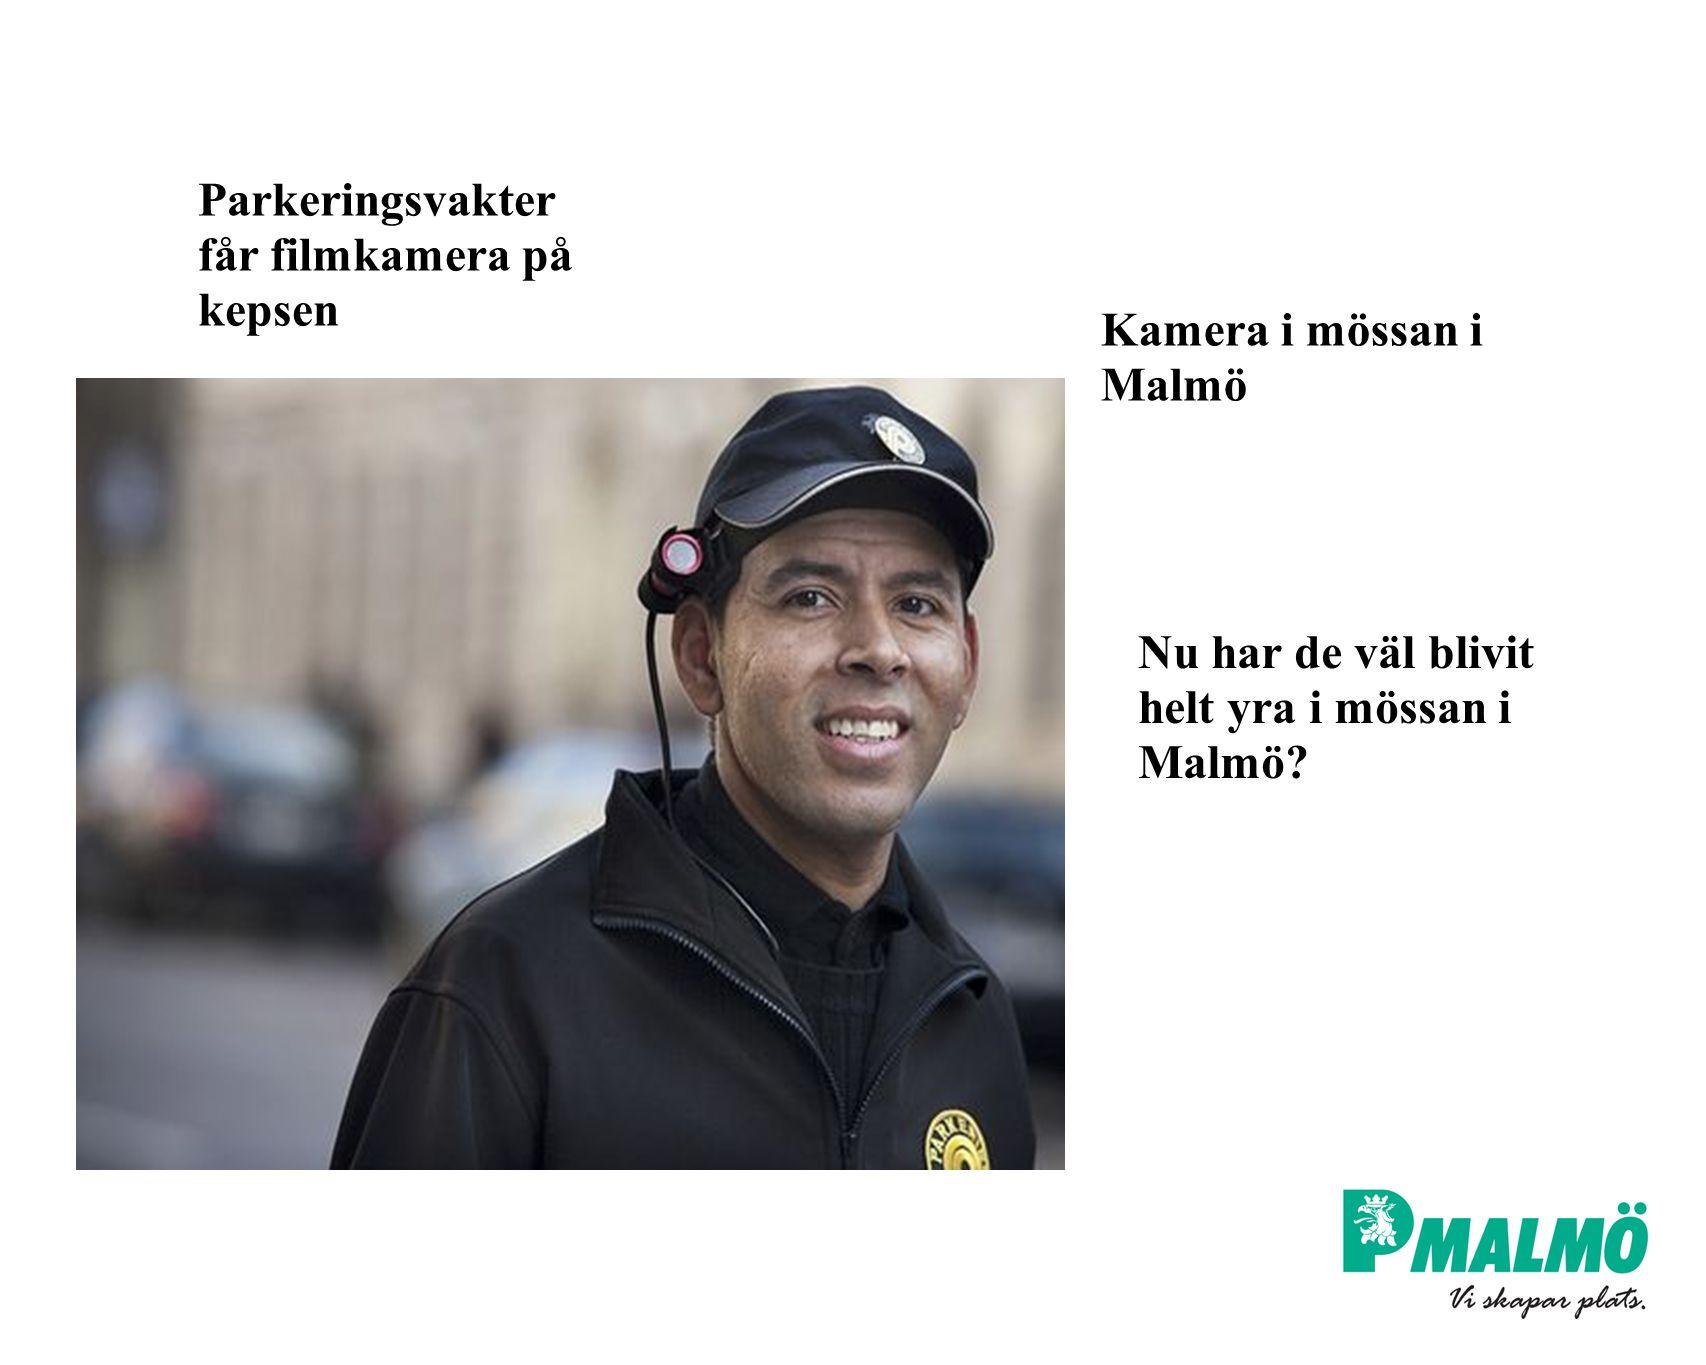 Parkeringsvakter får filmkamera på kepsen Kamera i mössan i Malmö Nu har de väl blivit helt yra i mössan i Malmö?